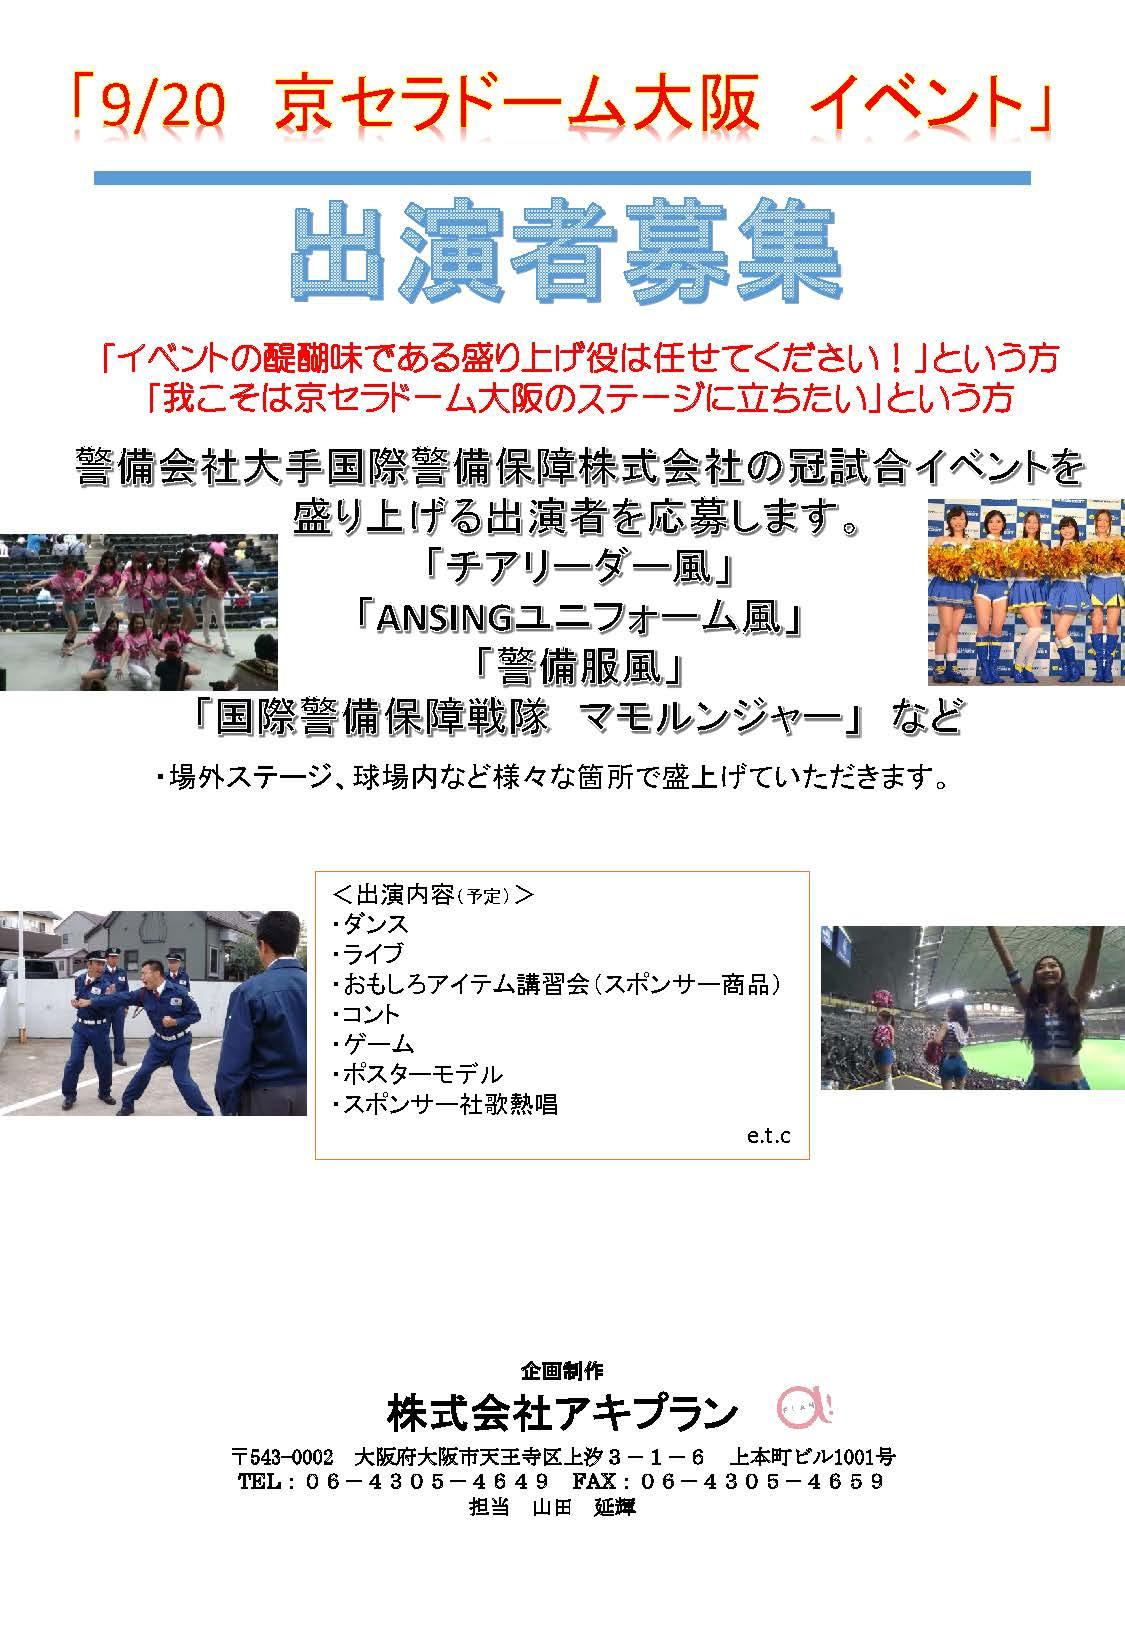 京セラドーム大阪イベント出演者募集